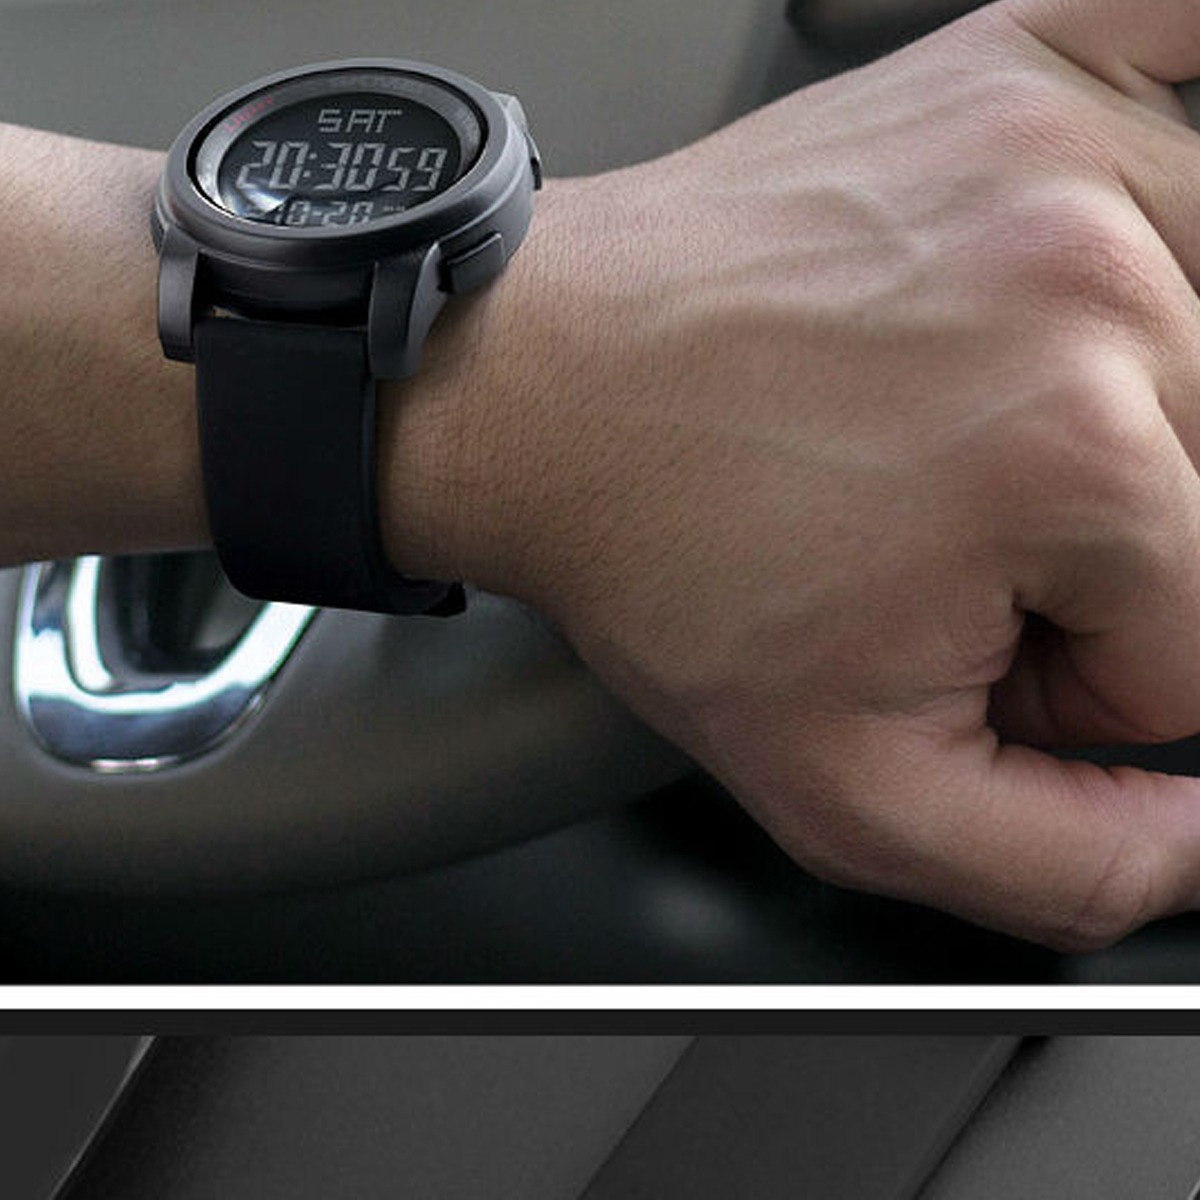 relógio masculino preto skimei barato 1257 menor preço!!!!!! Carregando  zoom. 5c035f2375